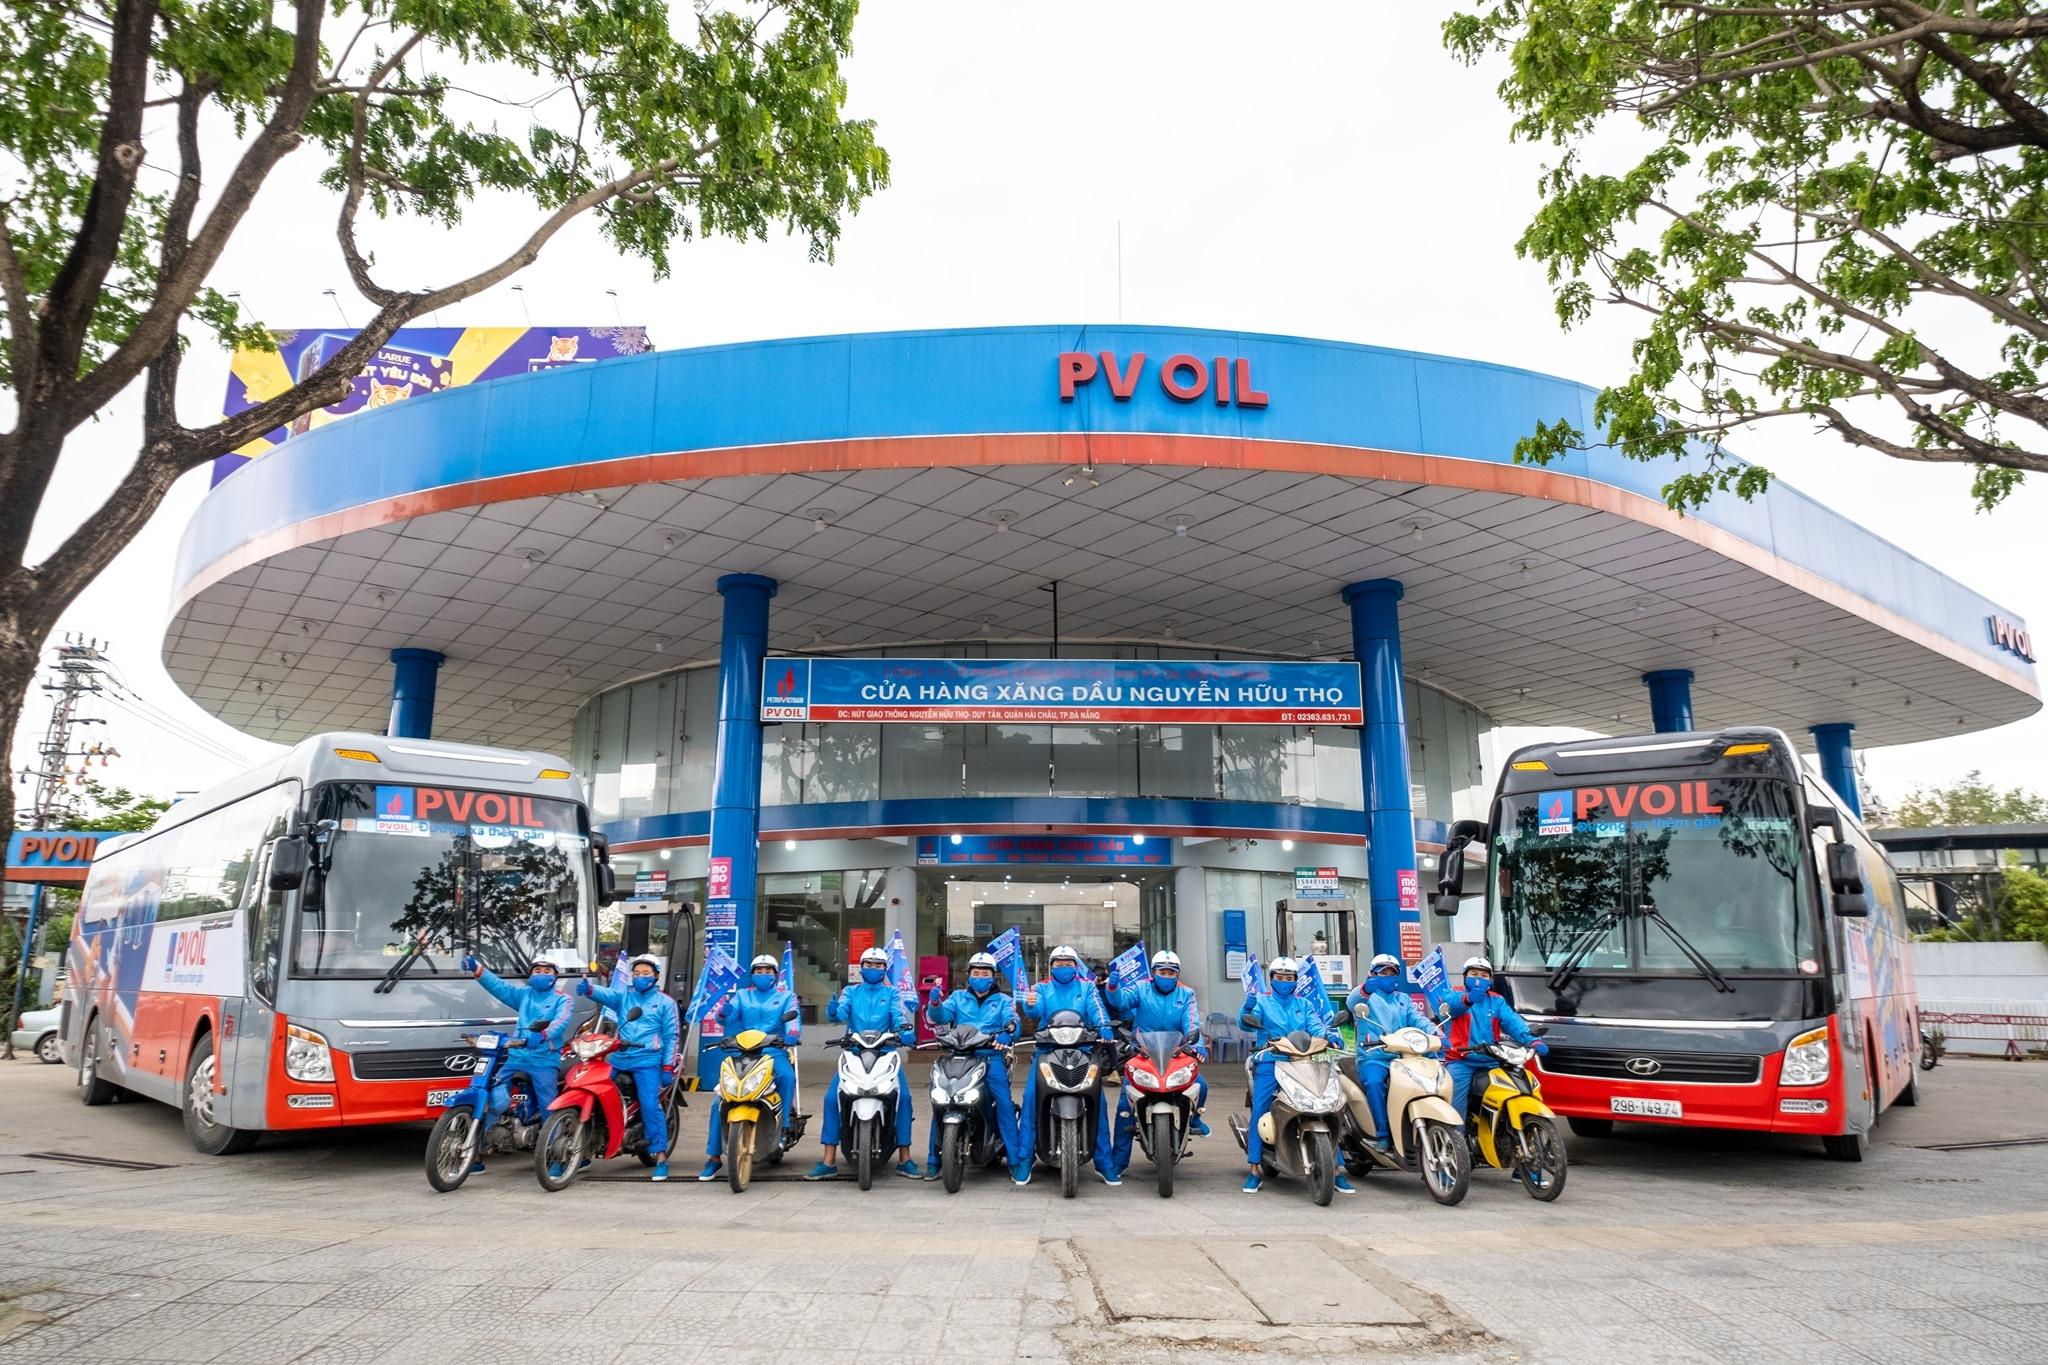 Cửa hàng xăng dầu Nguyễn hữu thọ đà nẵng